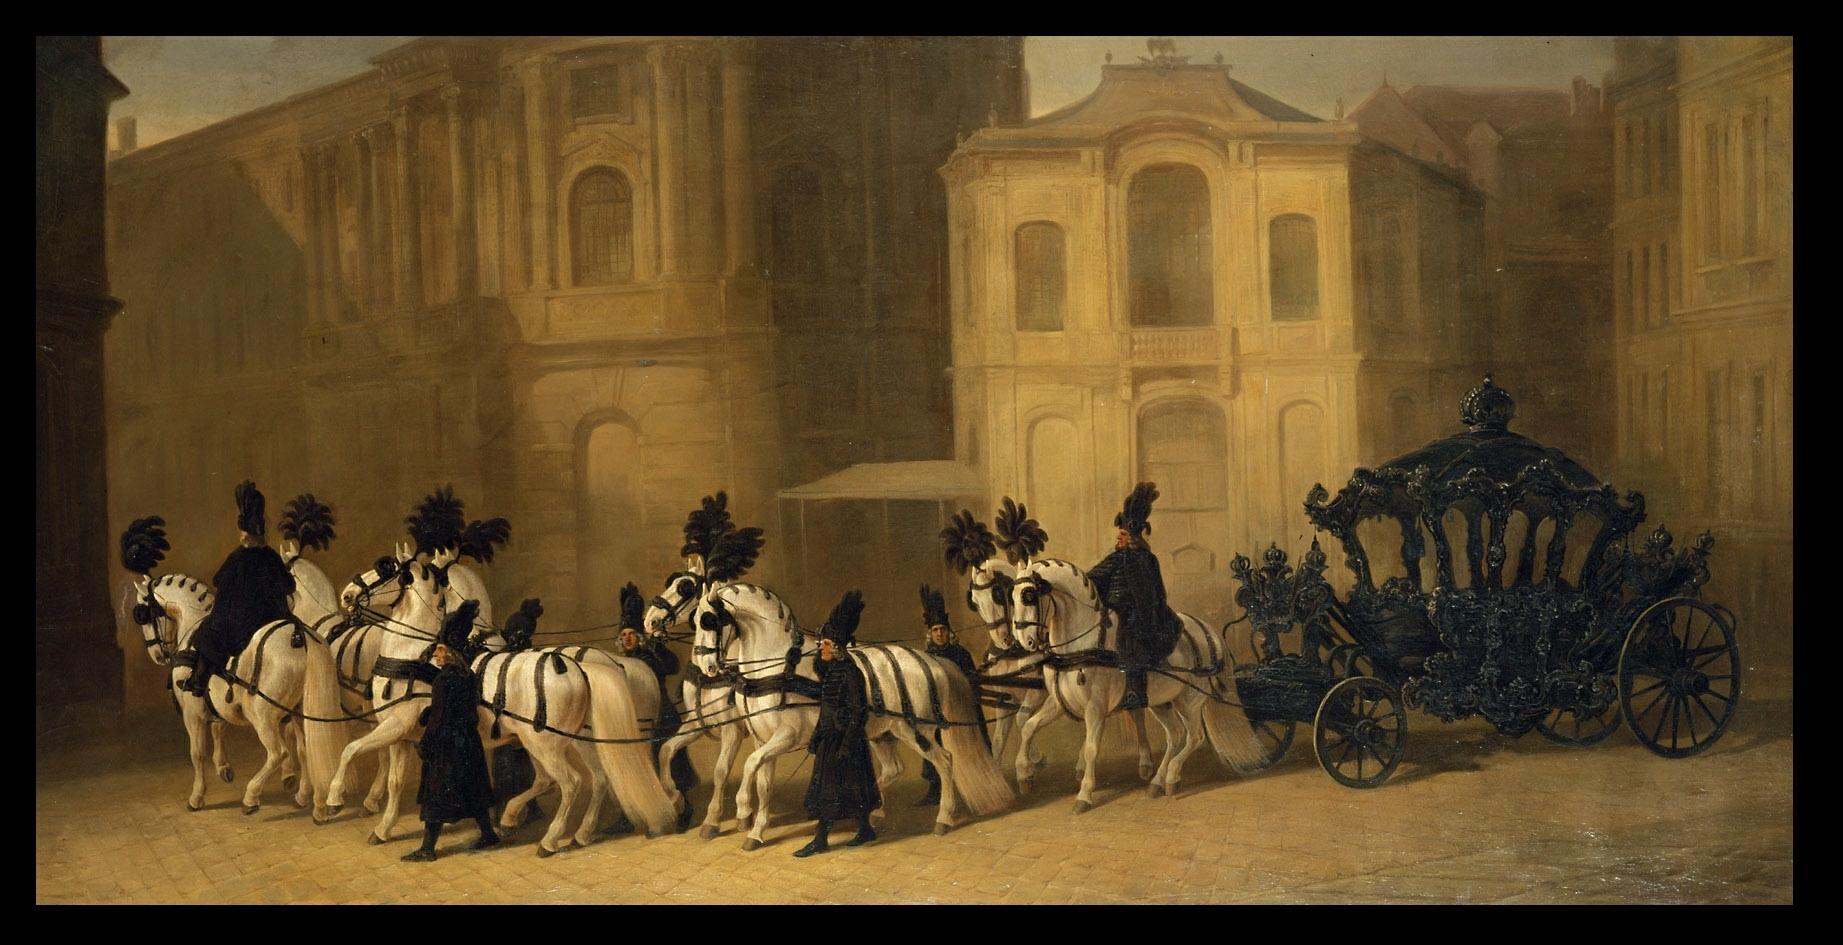 Trauer-Huldigungswagen (W 2) mit Achterzug, Stangen- und Vorausreiter sowie fünf Mitteljungen, vor dem alten Burgtheater von Johann Erdmann Gottlieb Prestel